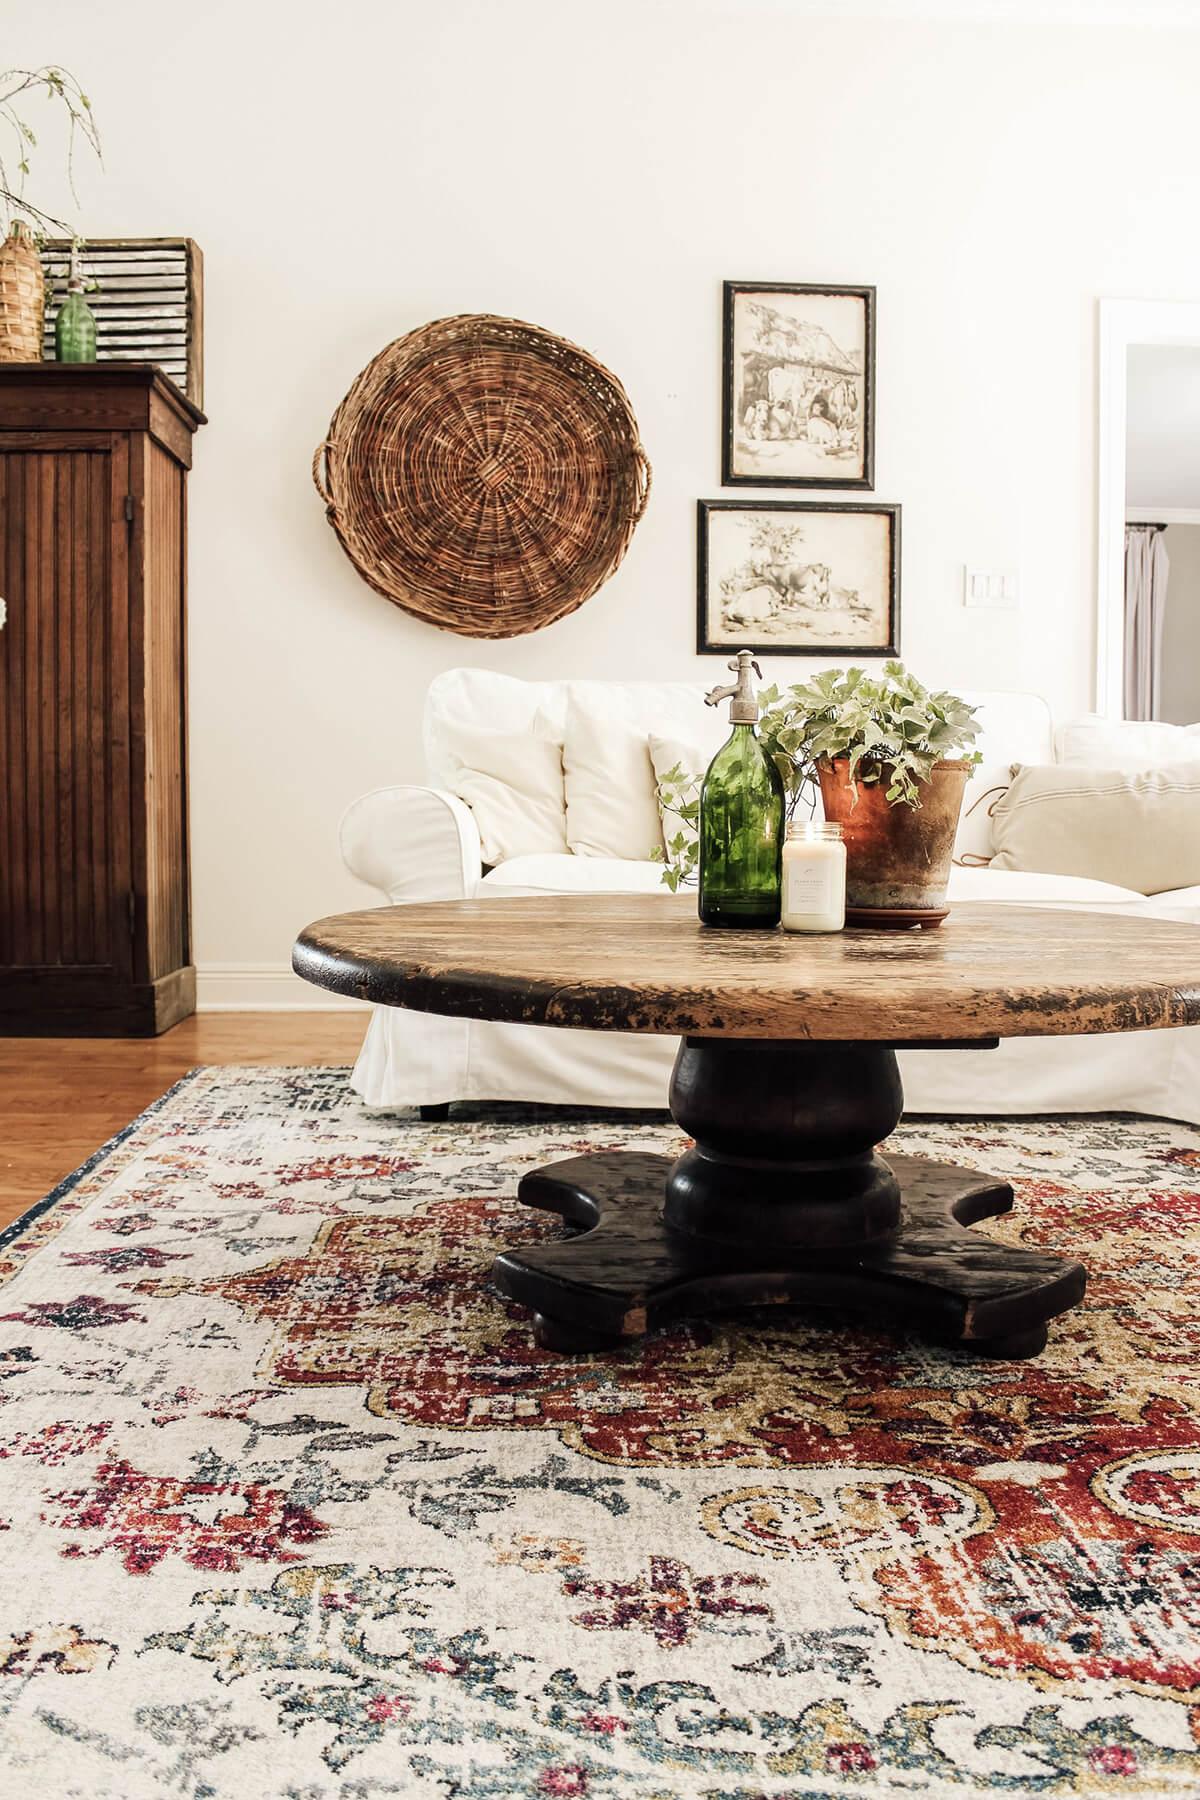 Centres de table en verre et poterie rustiques de l'Ancien Monde